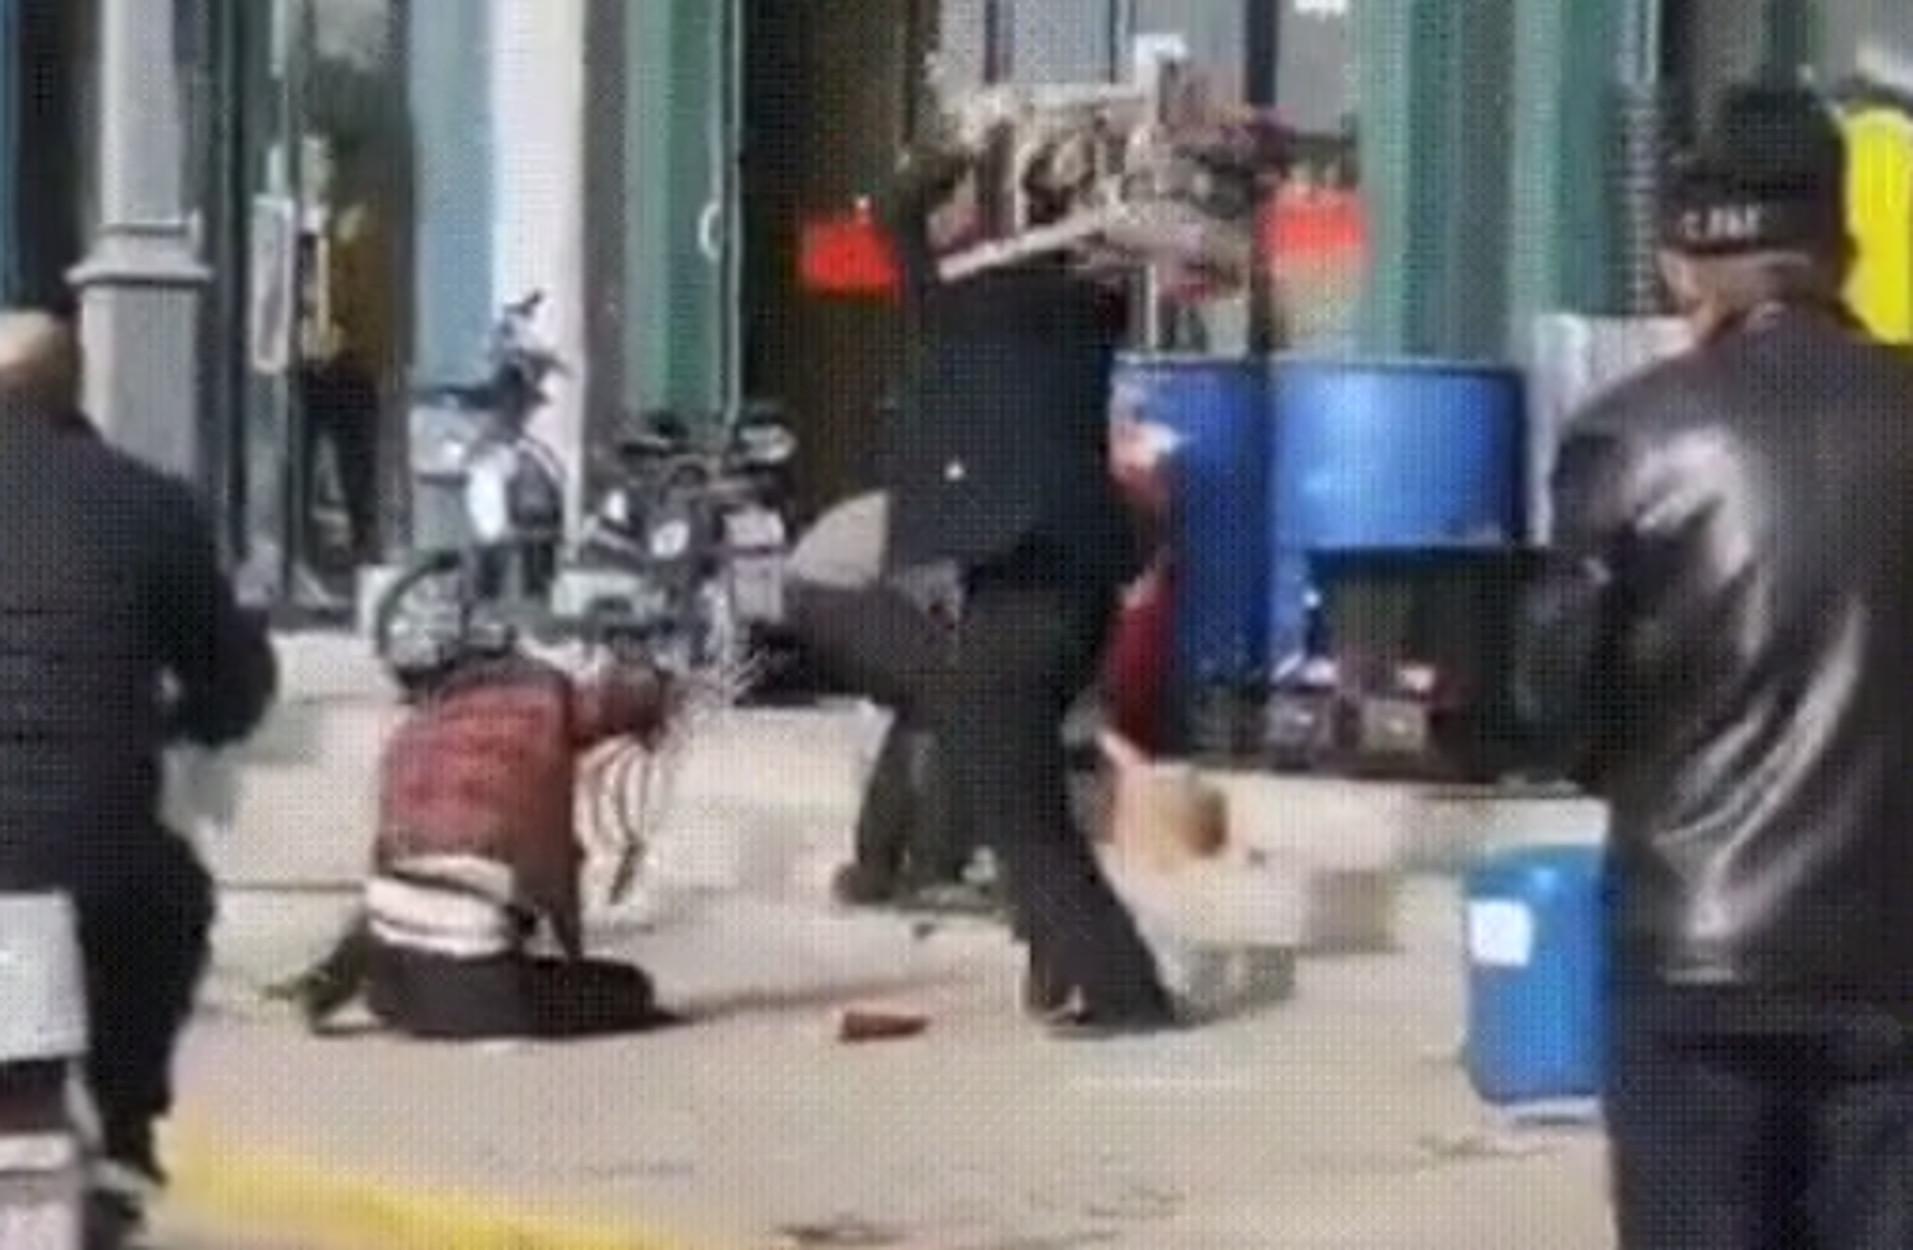 Οργή! Χτυπούσε τη γυναίκα του μέχρι να την σκοτώσει και οι περαστικοί… απλά κοιτούσαν – ΣΚΛΗΡΕΣ ΕΙΚΟΝΕΣ